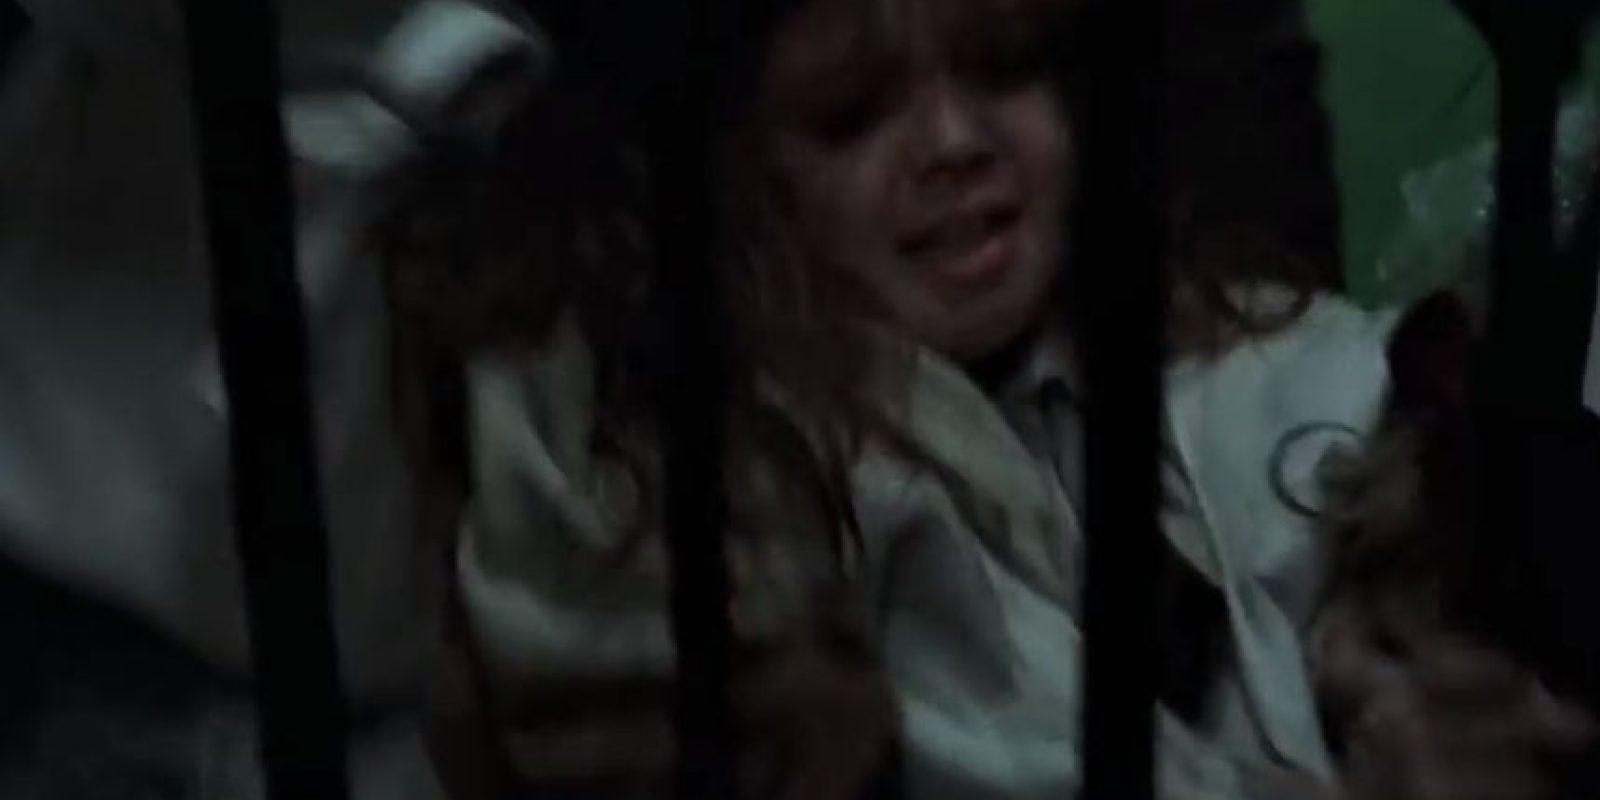 Cora, la niñita amiga de Jack, tuvo un horrible destino. Foto:Fox